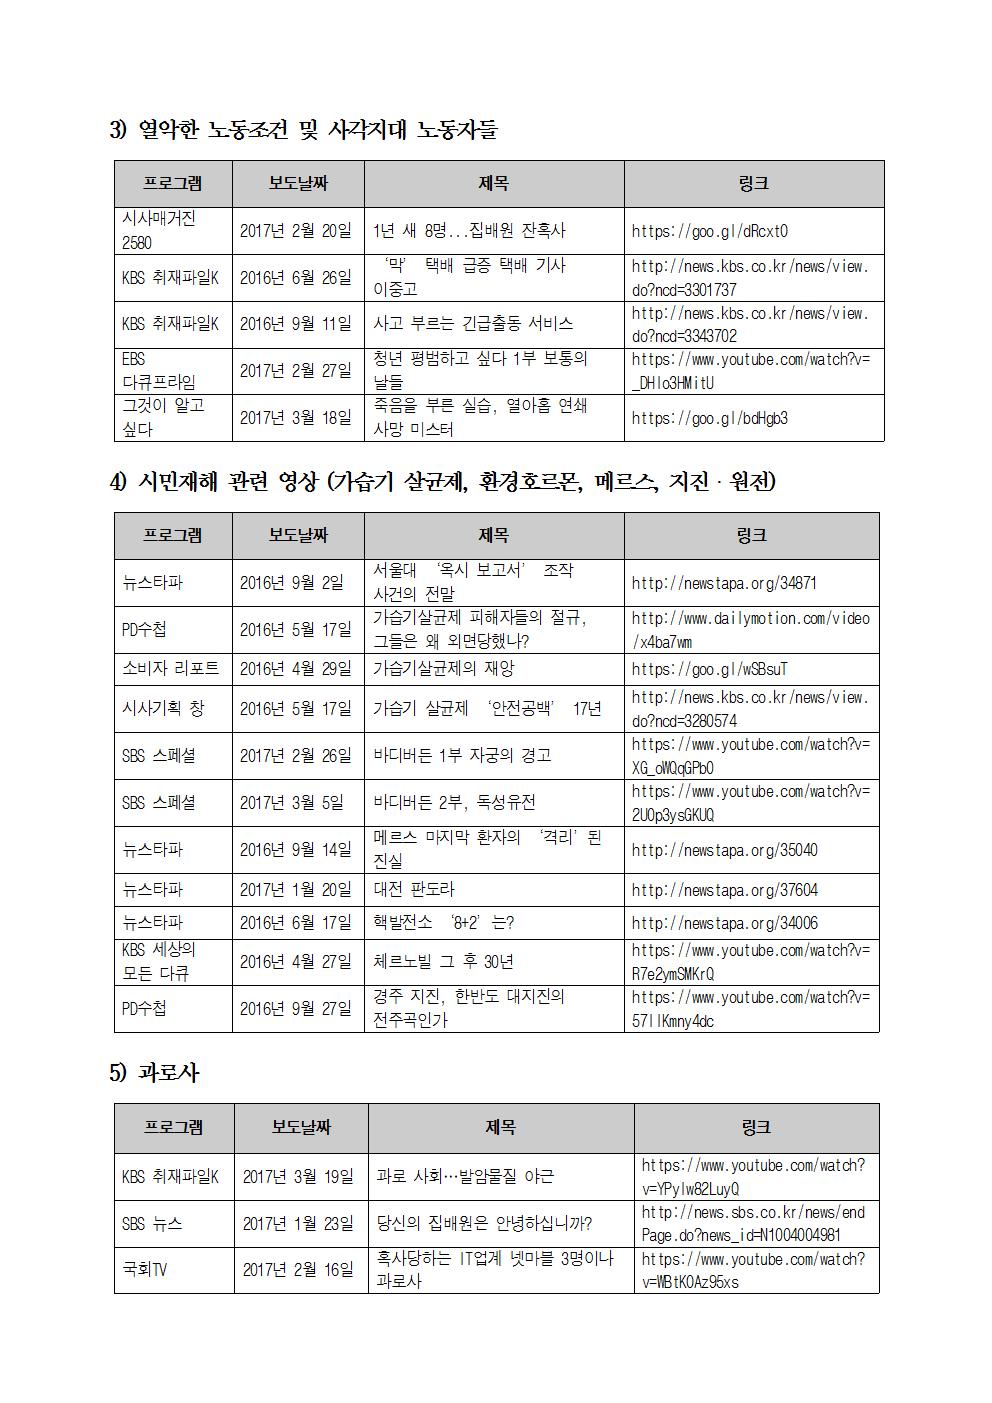 2017 4월 민주노총 동영상 교육 참조 리스트_최종002.png